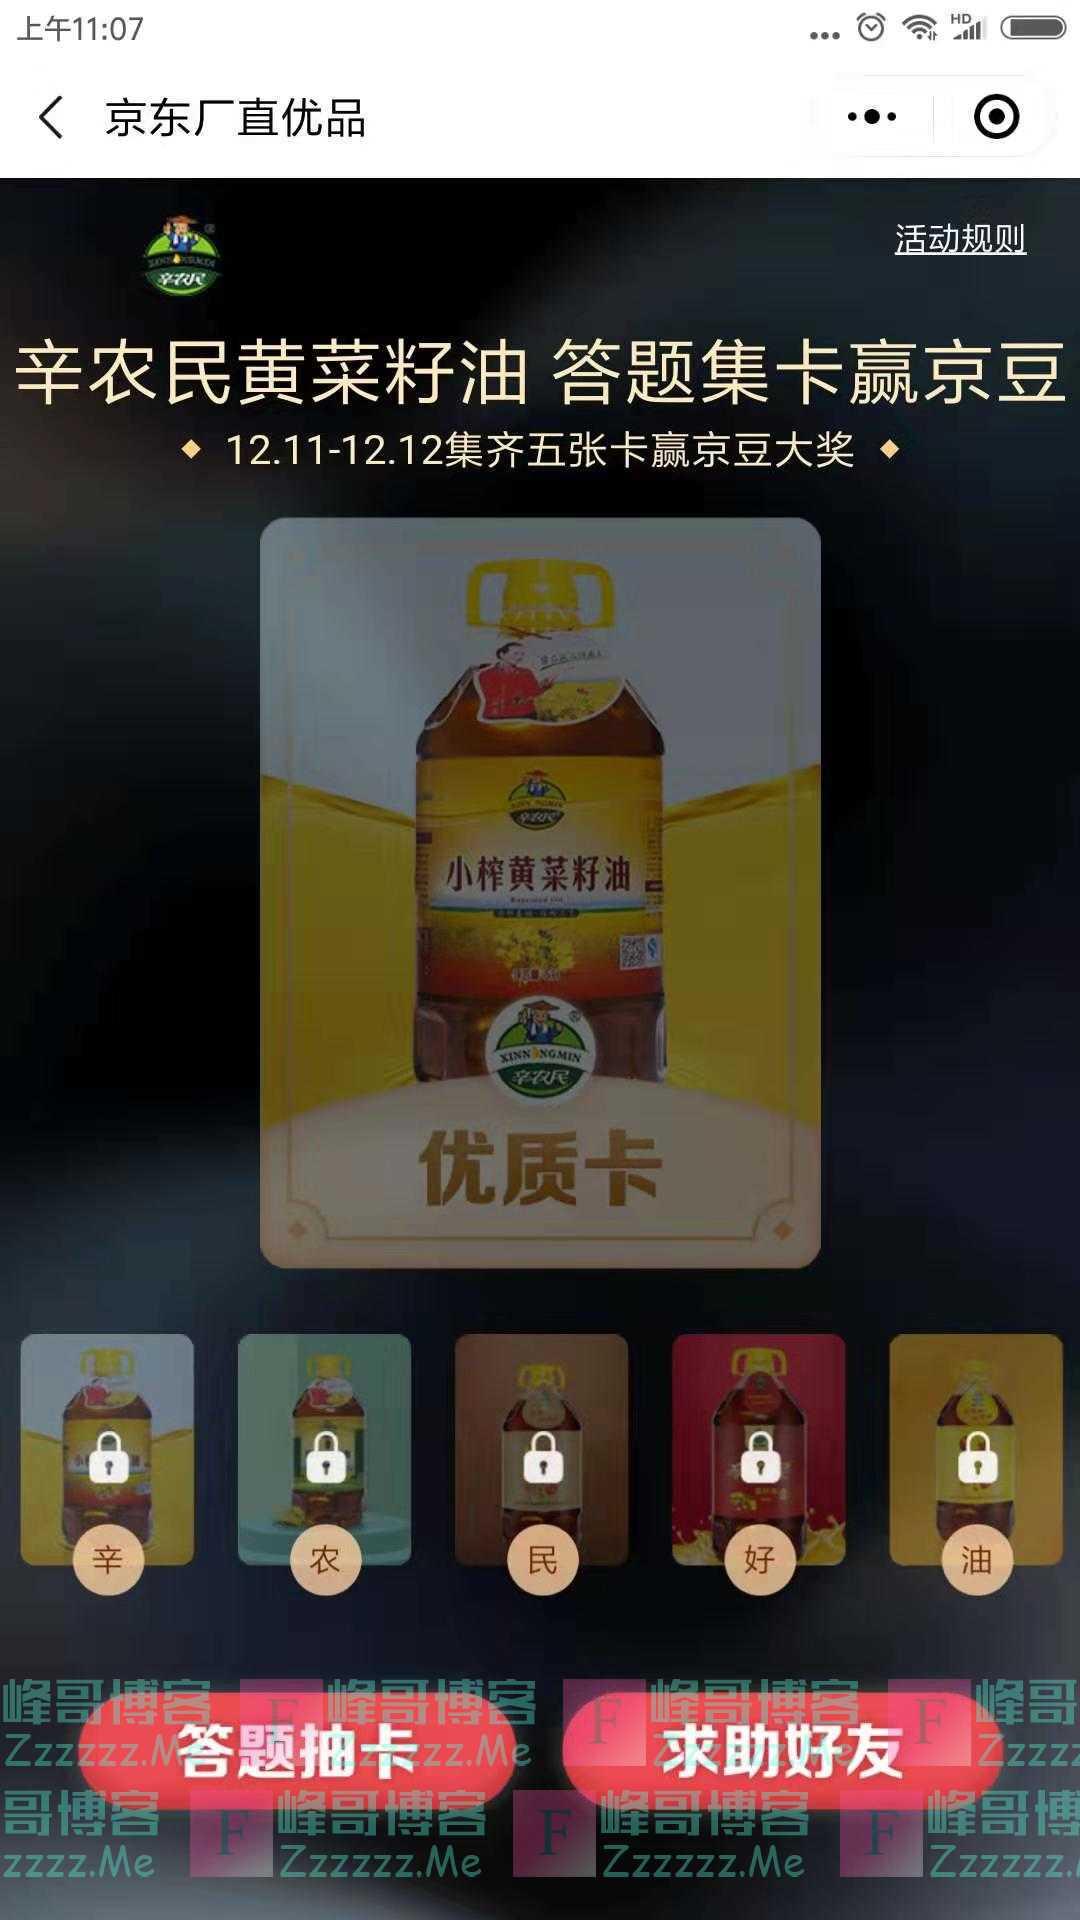 京东厂直优品辛农银黄菜油  答题赢888京豆(截止不详)